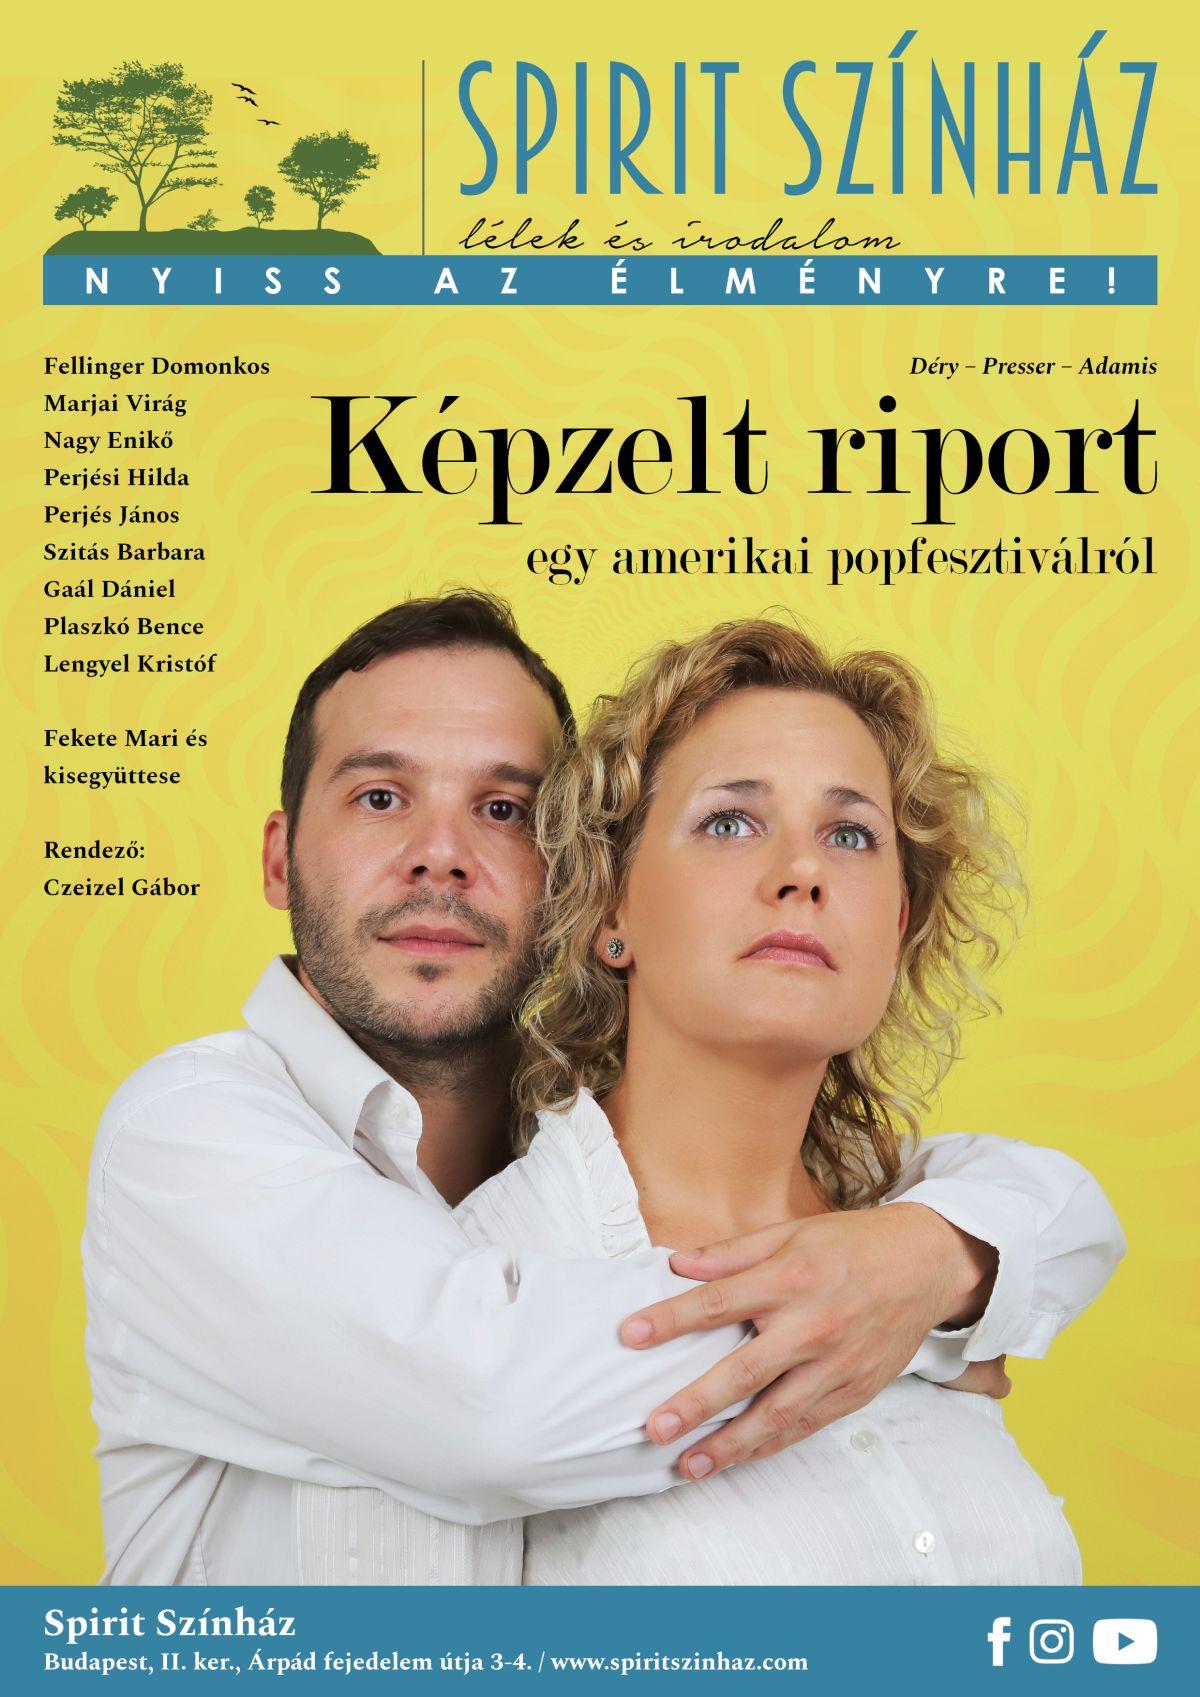 A Spirit Színház előadásának plakátja